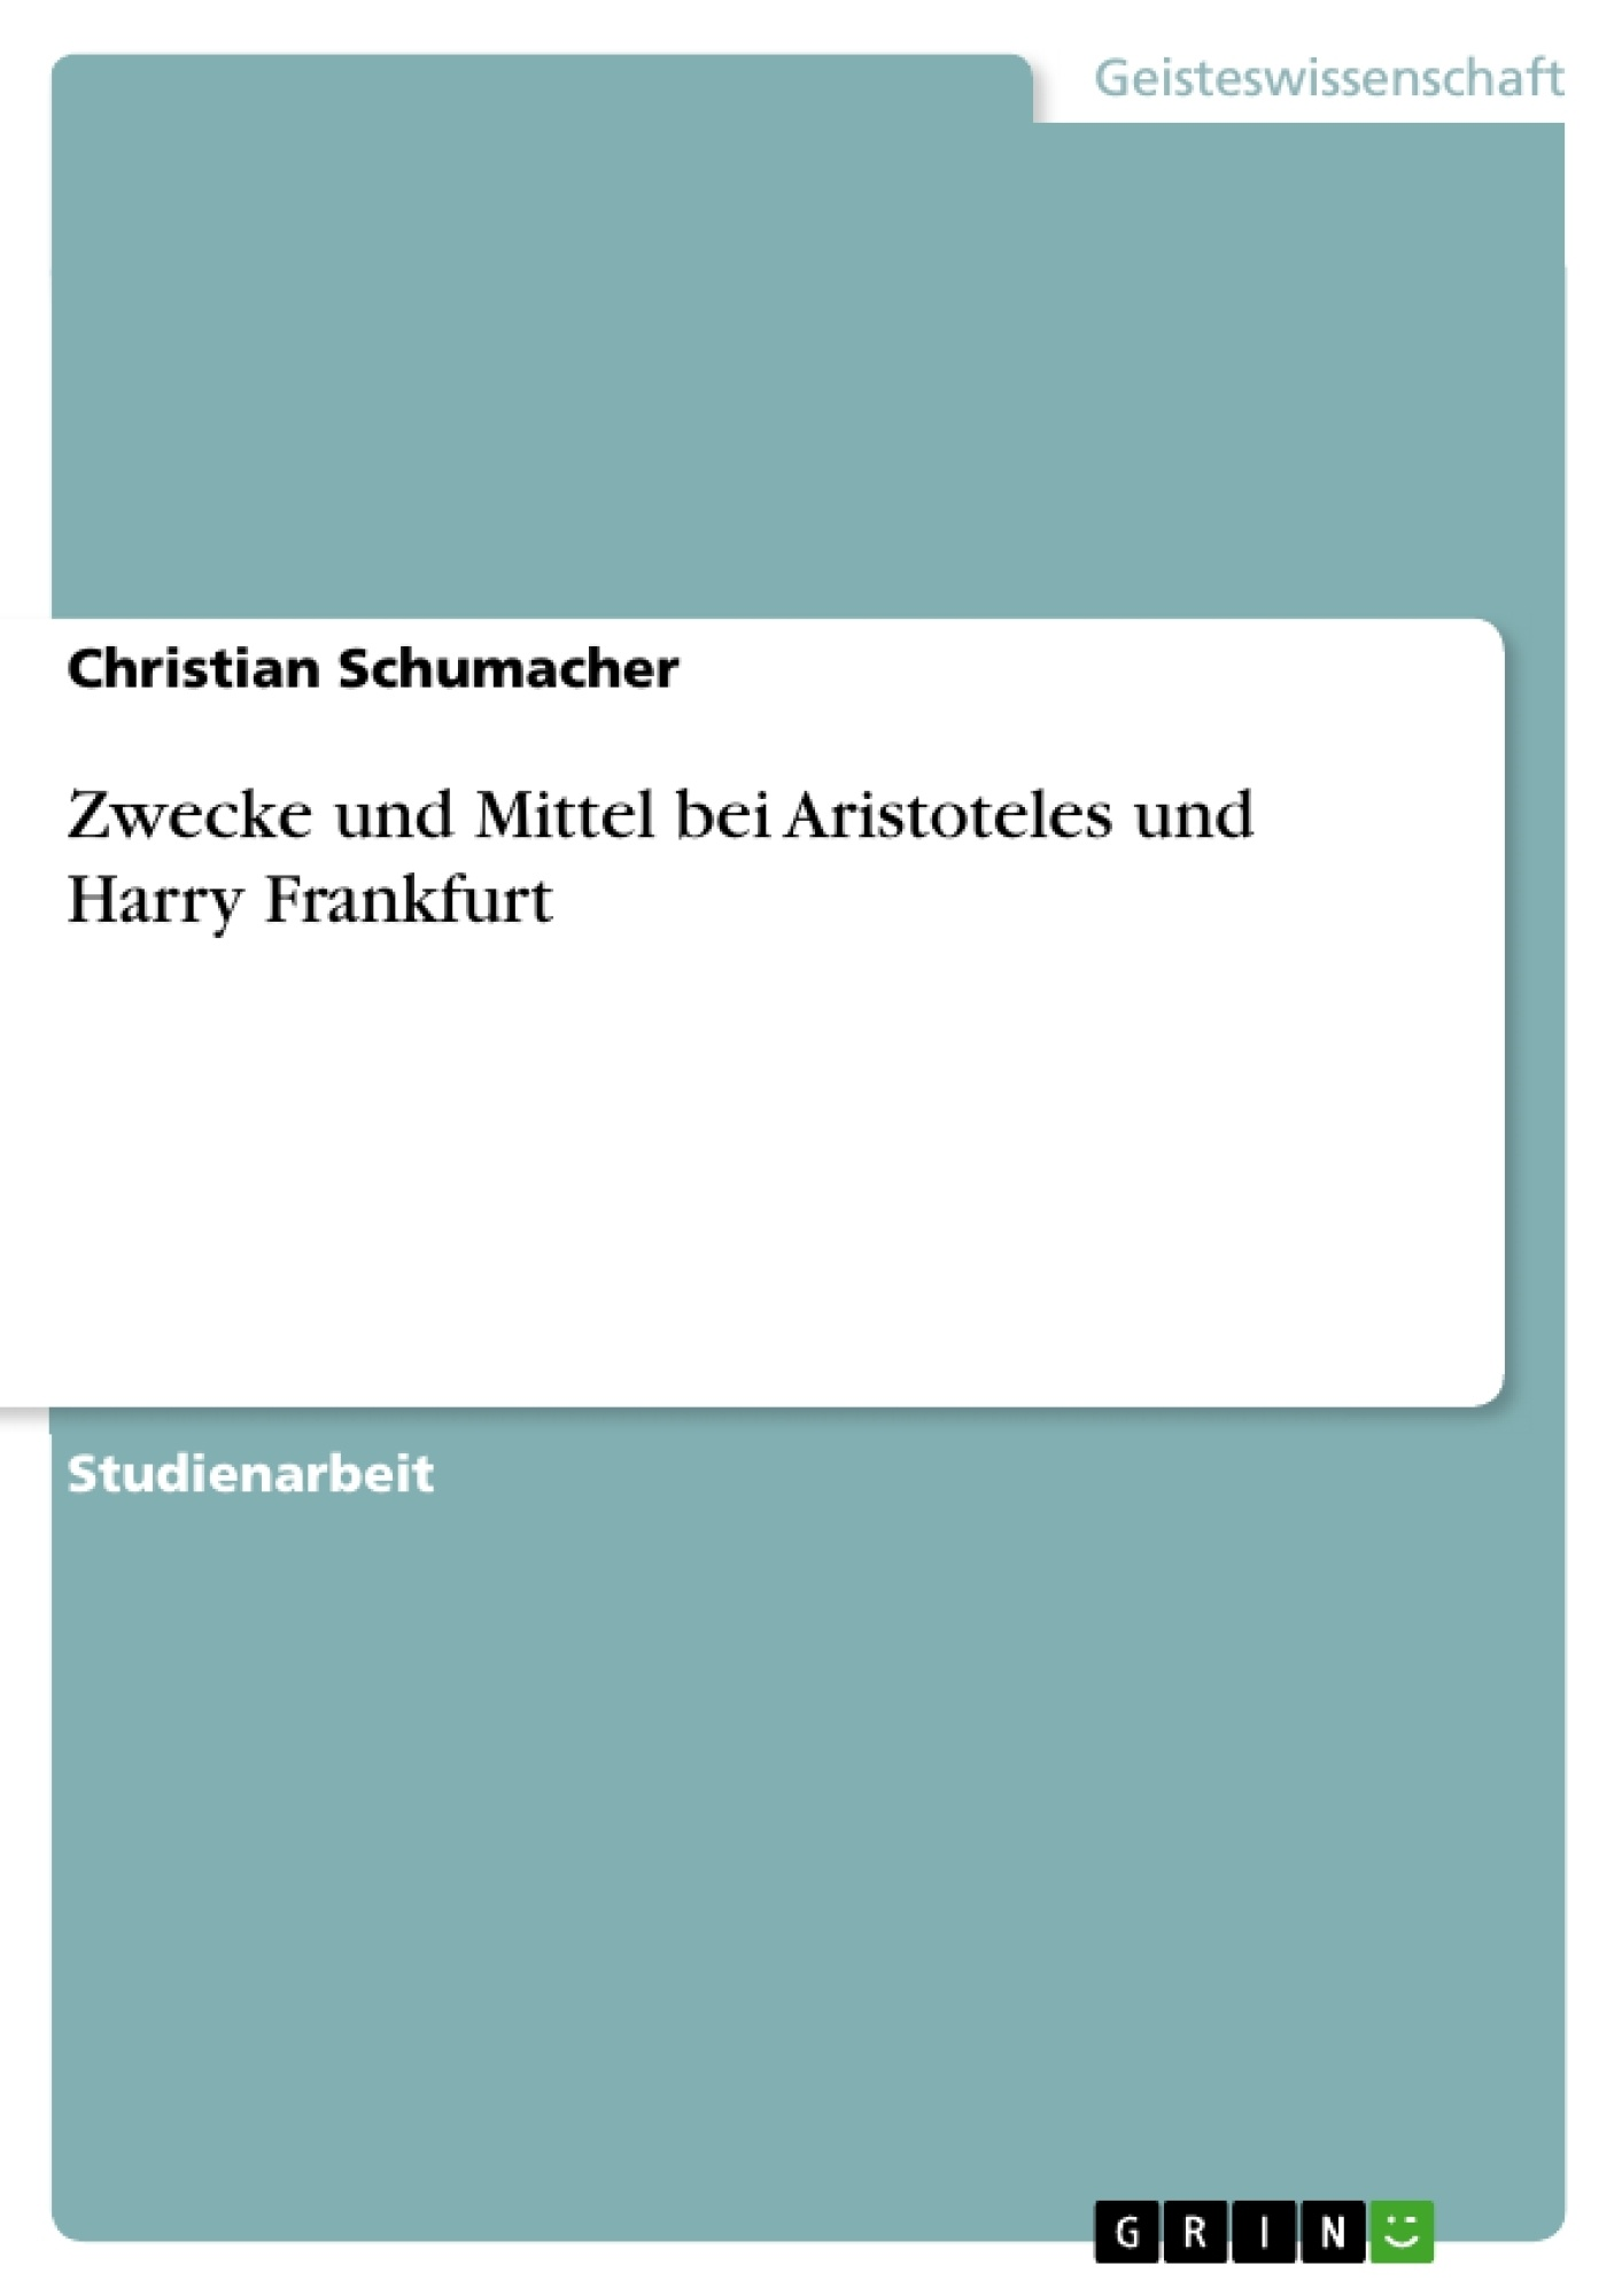 Titel: Zwecke und Mittel bei Aristoteles und Harry Frankfurt